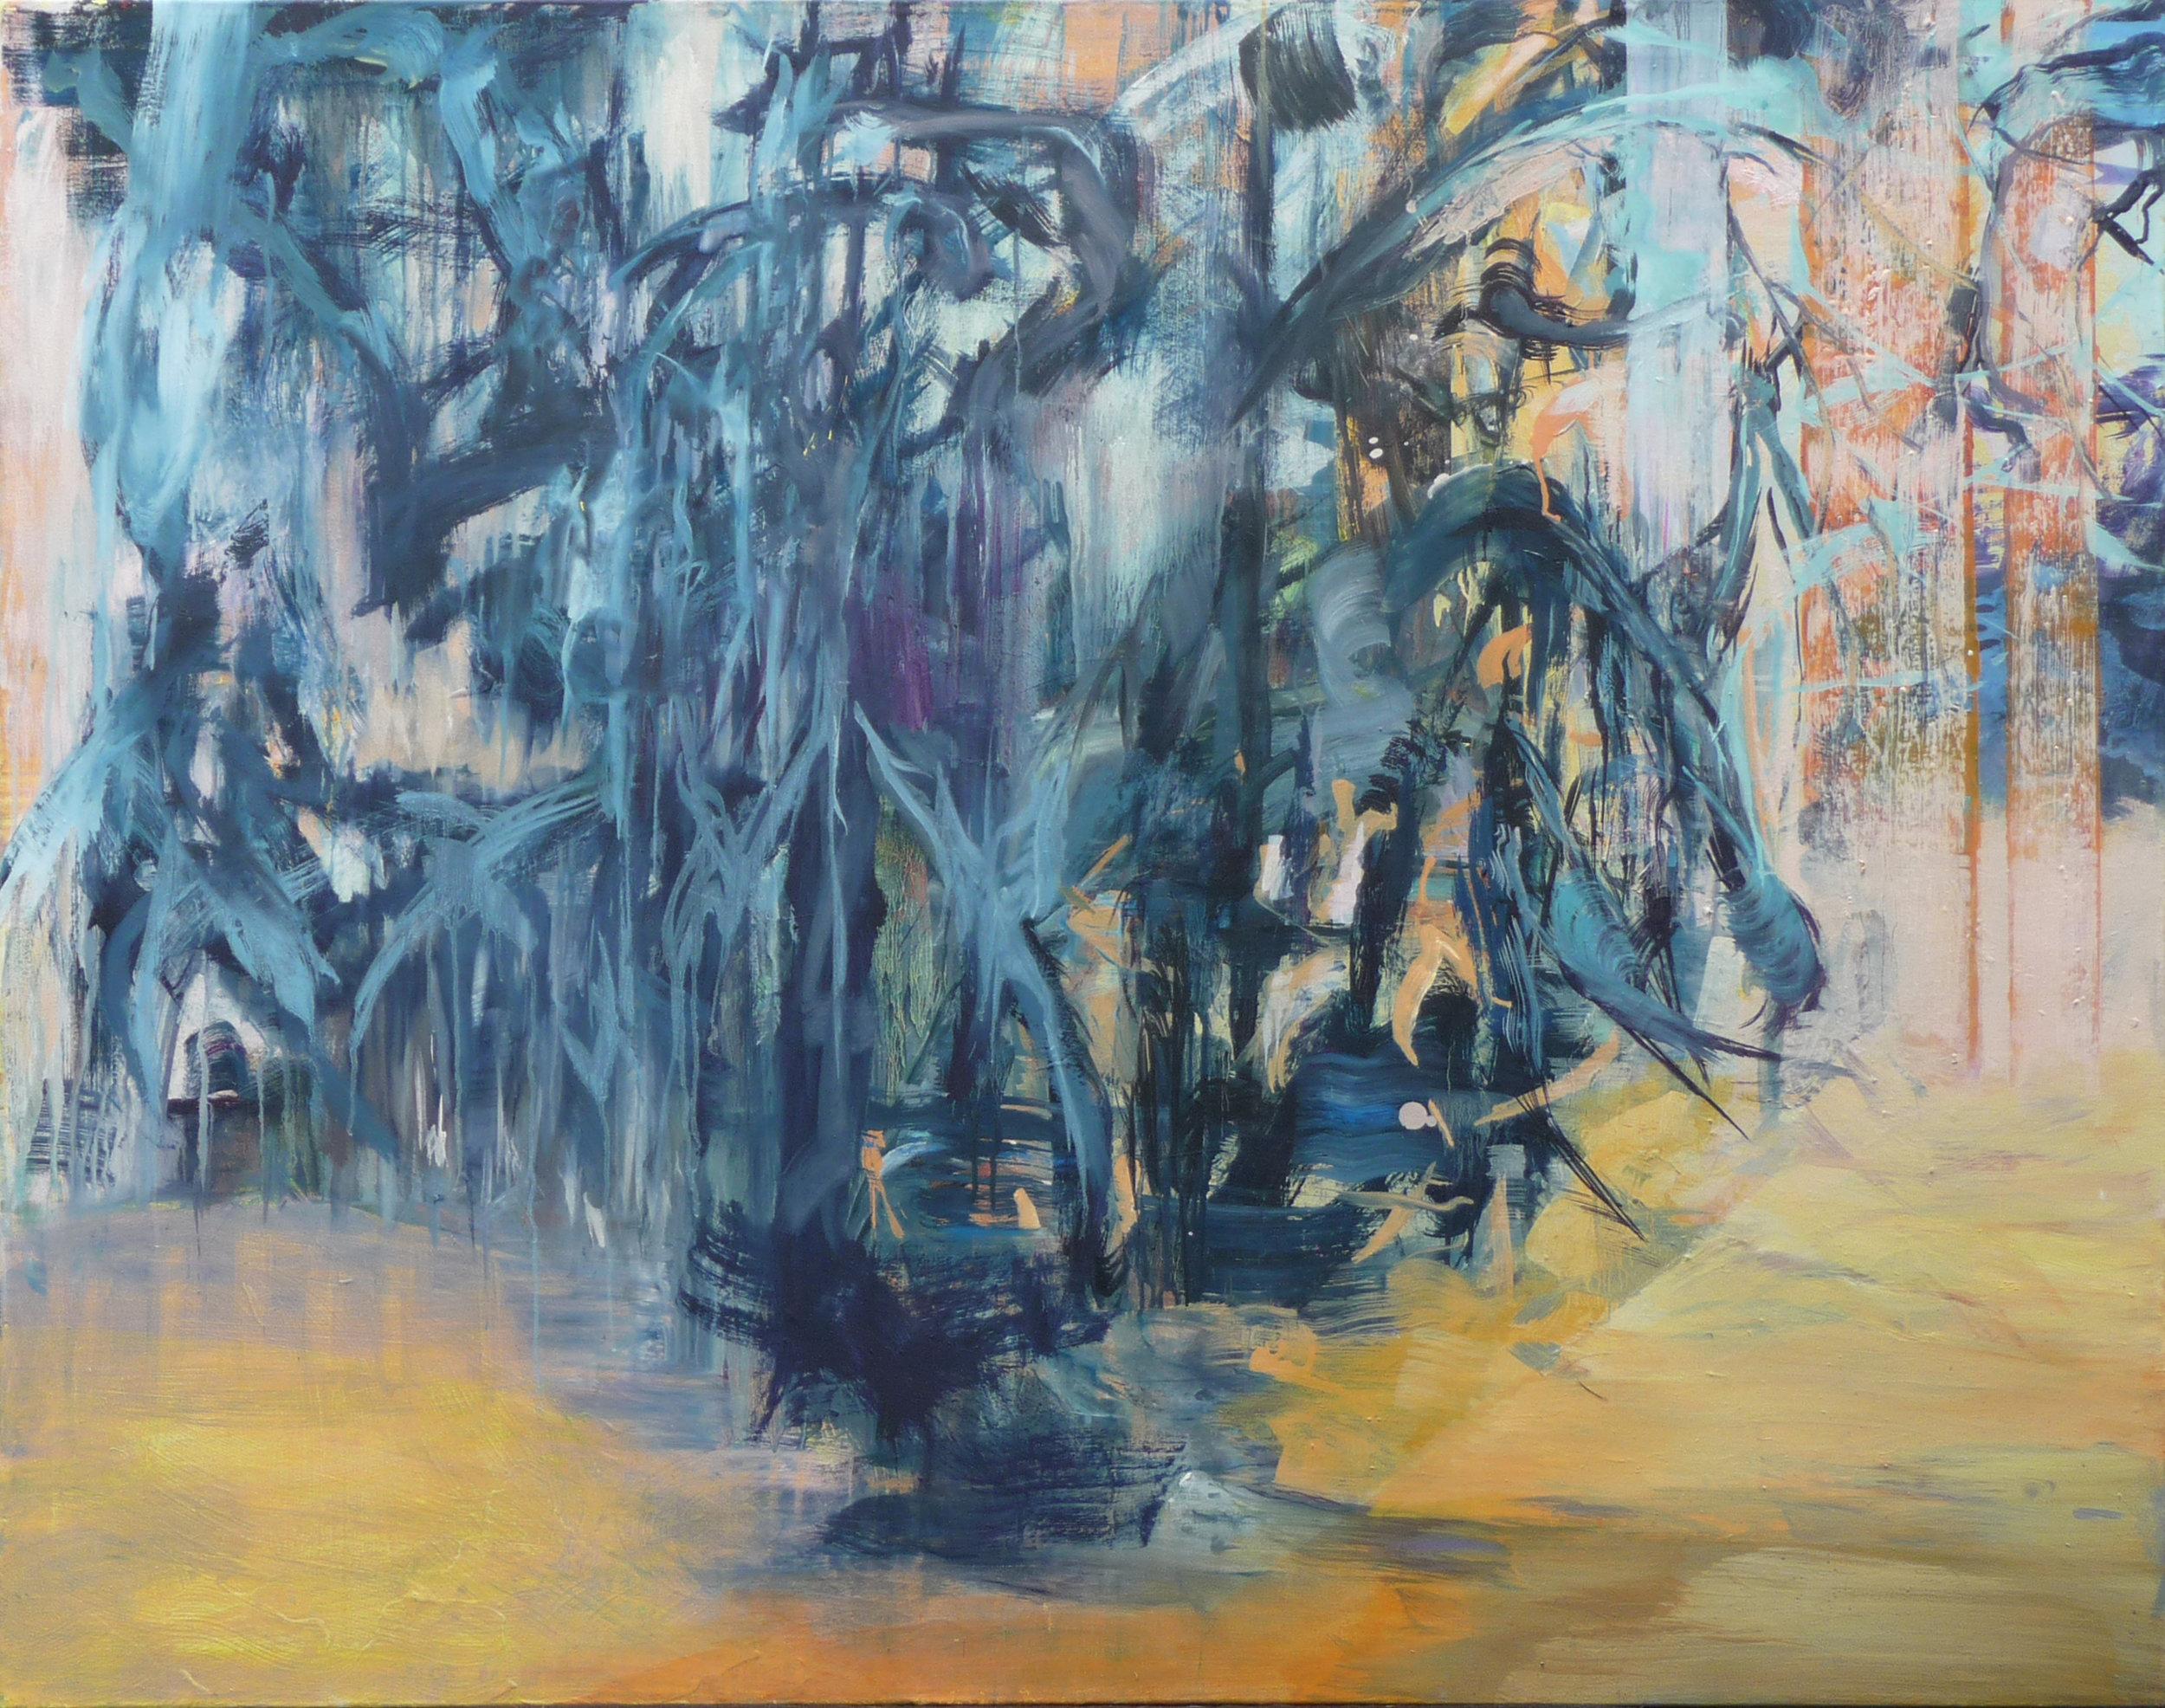 Verborgen Vii, oil on canvas, 110 x 140 cm